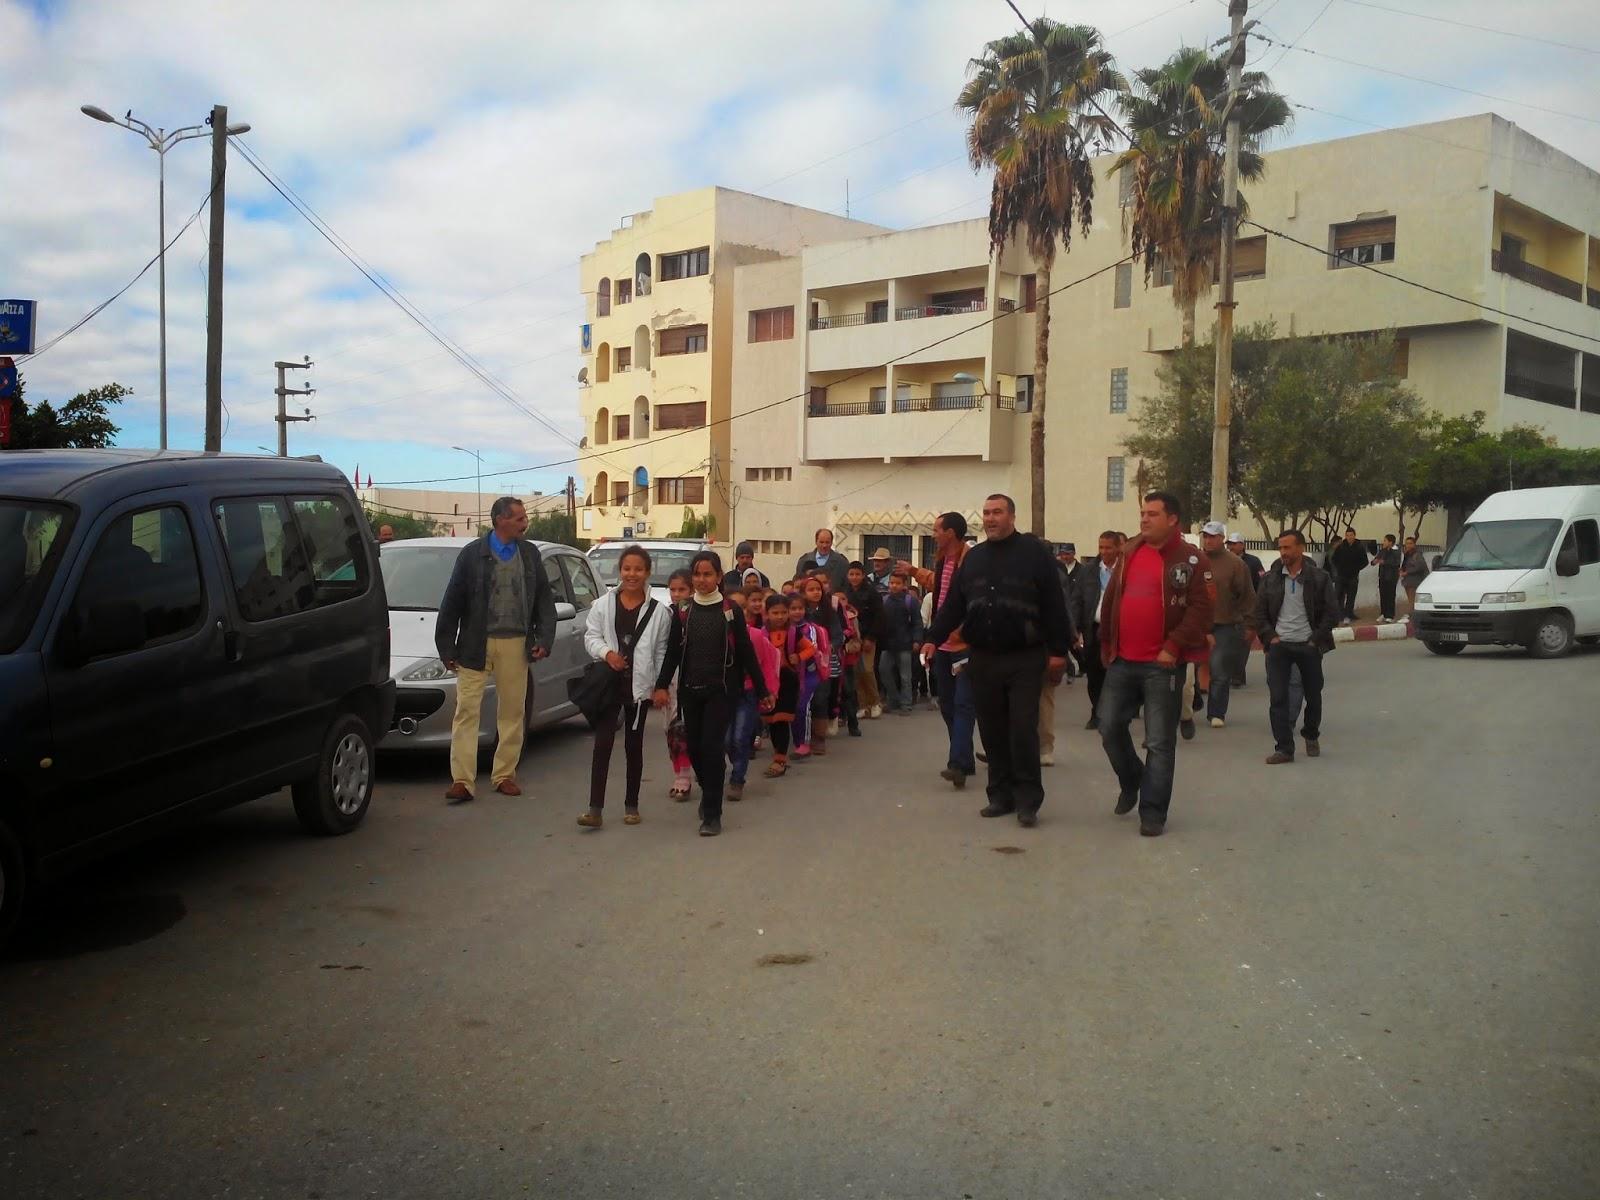 تاونات: الاباء الذين منعوا ابائهم من التوجه الى مدرسة الحاجيين يحتجون رفقة ابنائهم بنيابة التعليم وامام العمالة